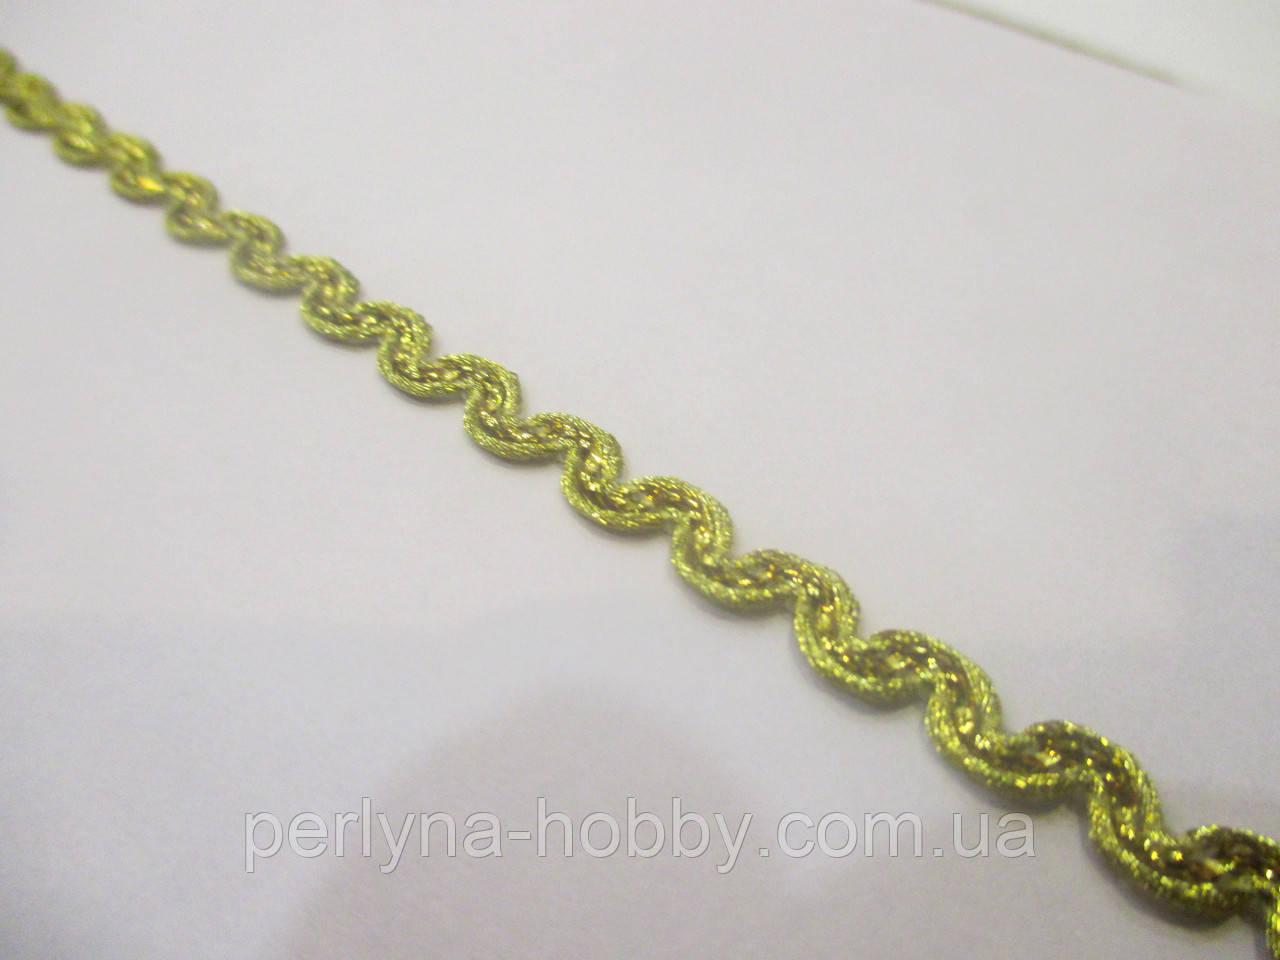 Тасьма декоративна люрекс золото 5 мм